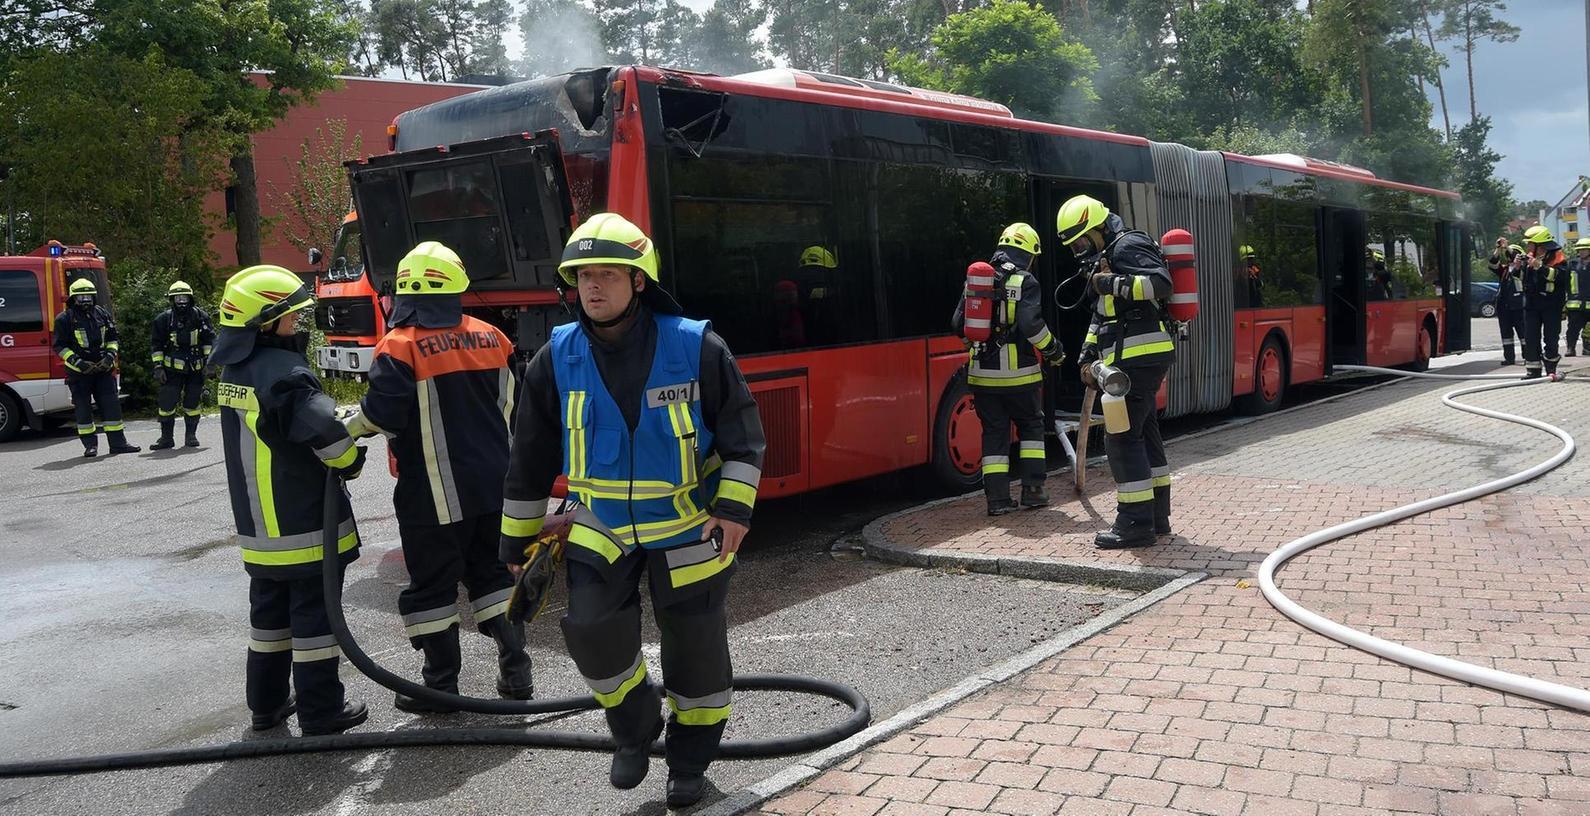 Beim Brand des Gelenkbusses in Roth kam niemand zu Schaden.